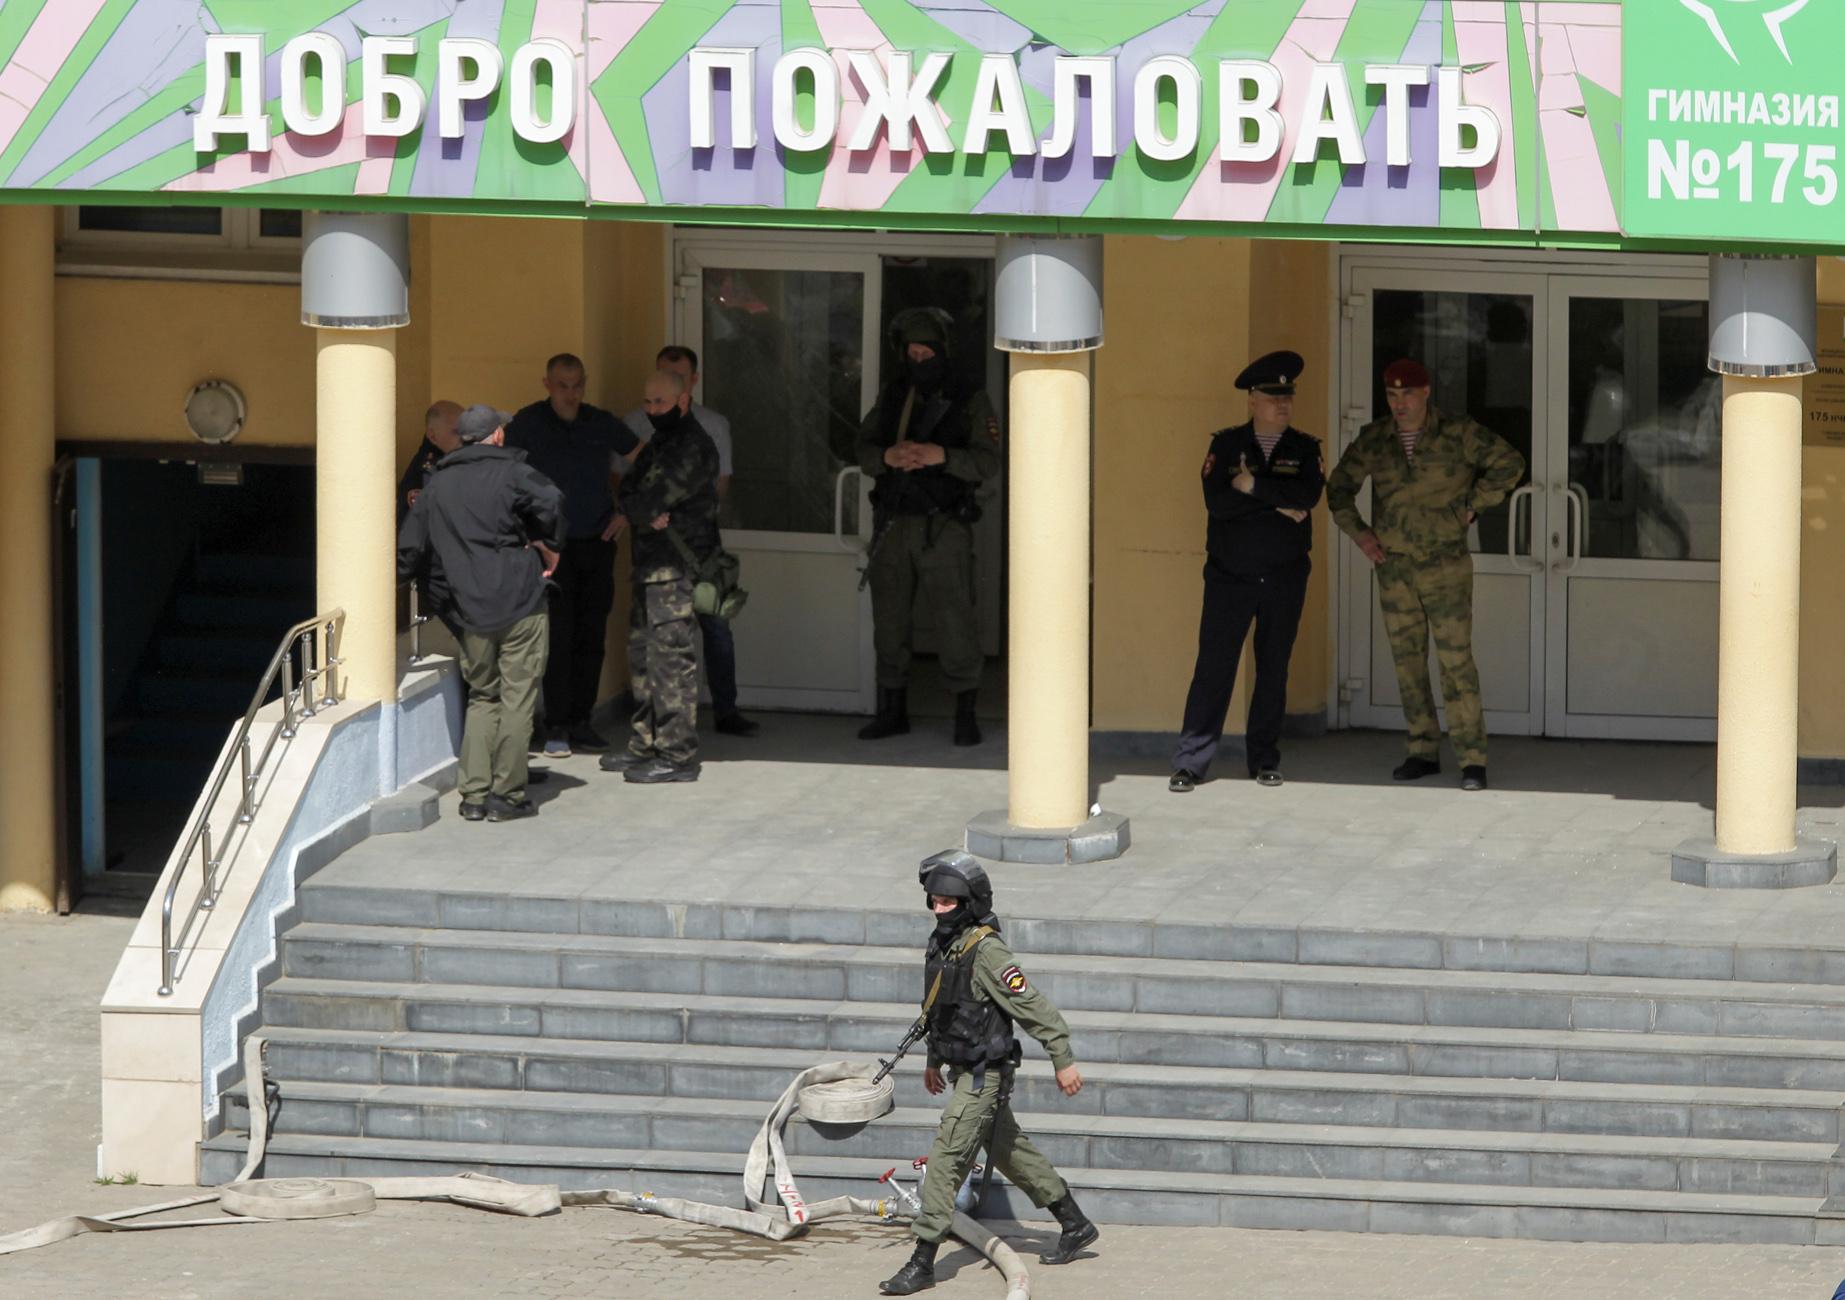 Μακελειό σε σχολείο στη Ρωσία: Ο 19χρονος δράστης πήγε να αυτοκτονήσει μετά τις δολοφονίες